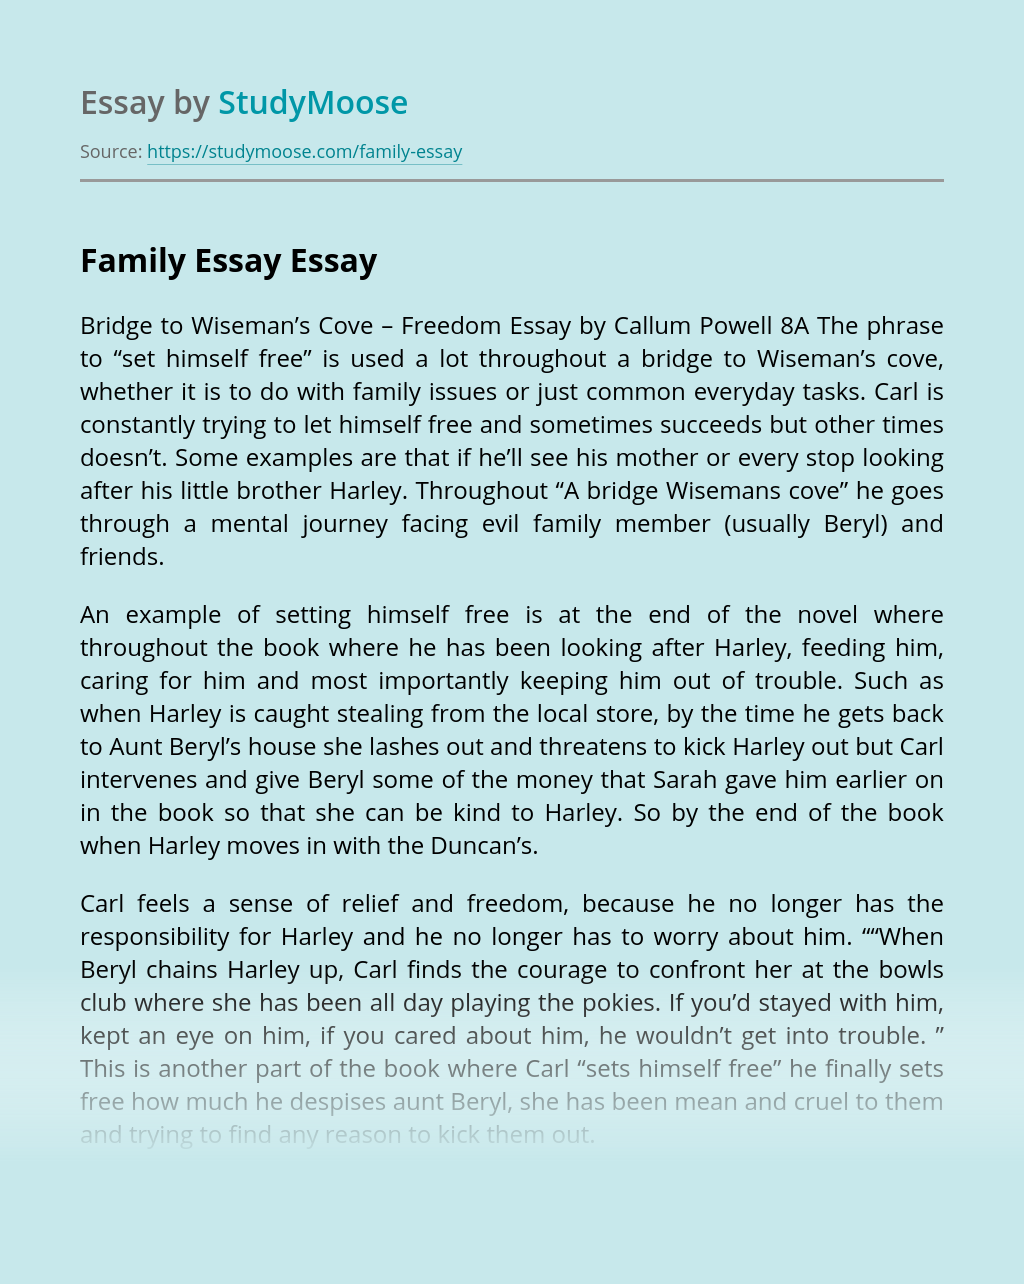 Family Essay